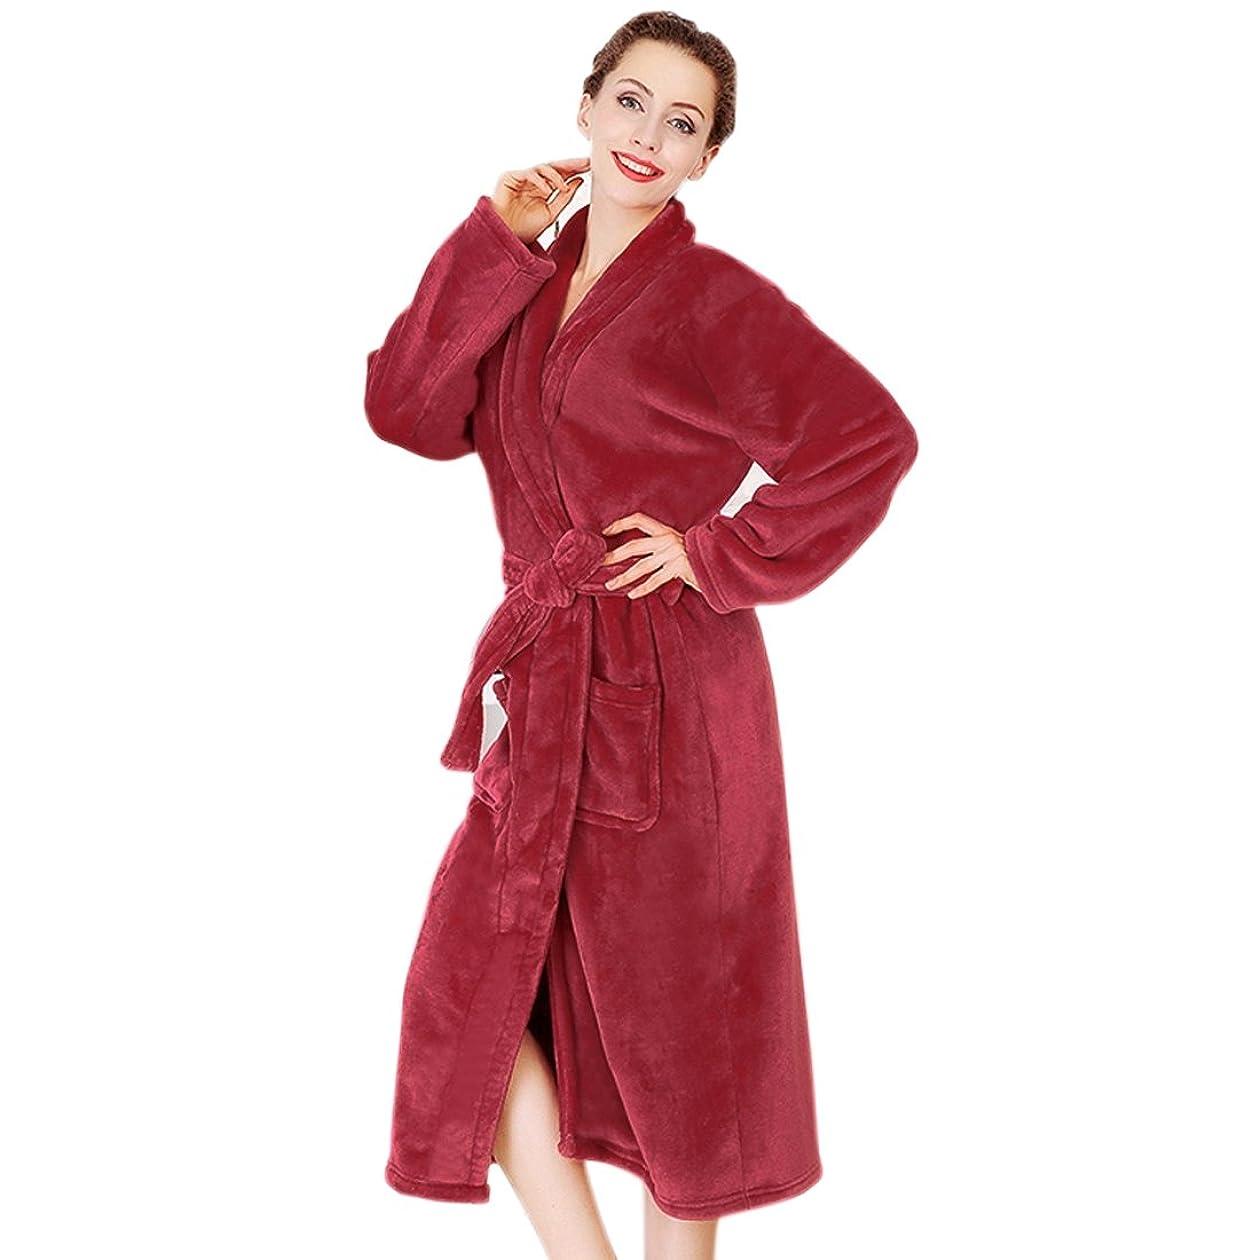 頼る肥料馬鹿げた(Baoxinjp)メンズ レディース パジャマ バスローブ カップル ガウン 部屋着 寝巻き 可愛い 人気 長袖 お風呂上り 男女兼用 新婚祝い ルームウエア フリーサイズ